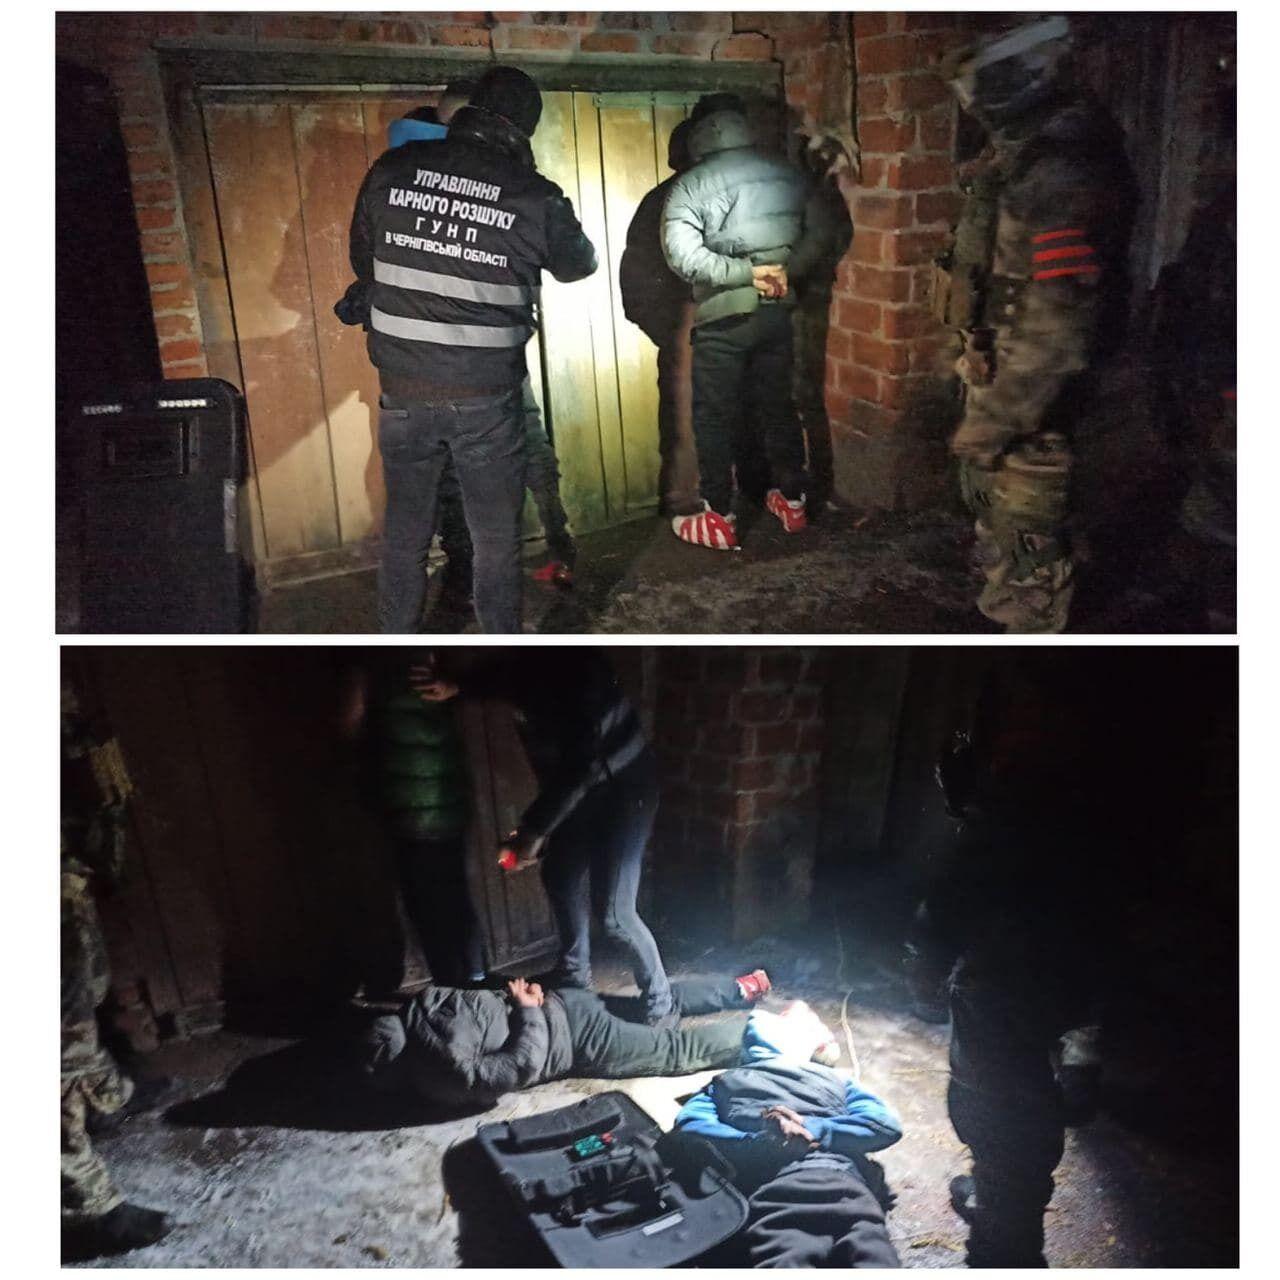 Підозрювані зізналися у скоєнні злочину